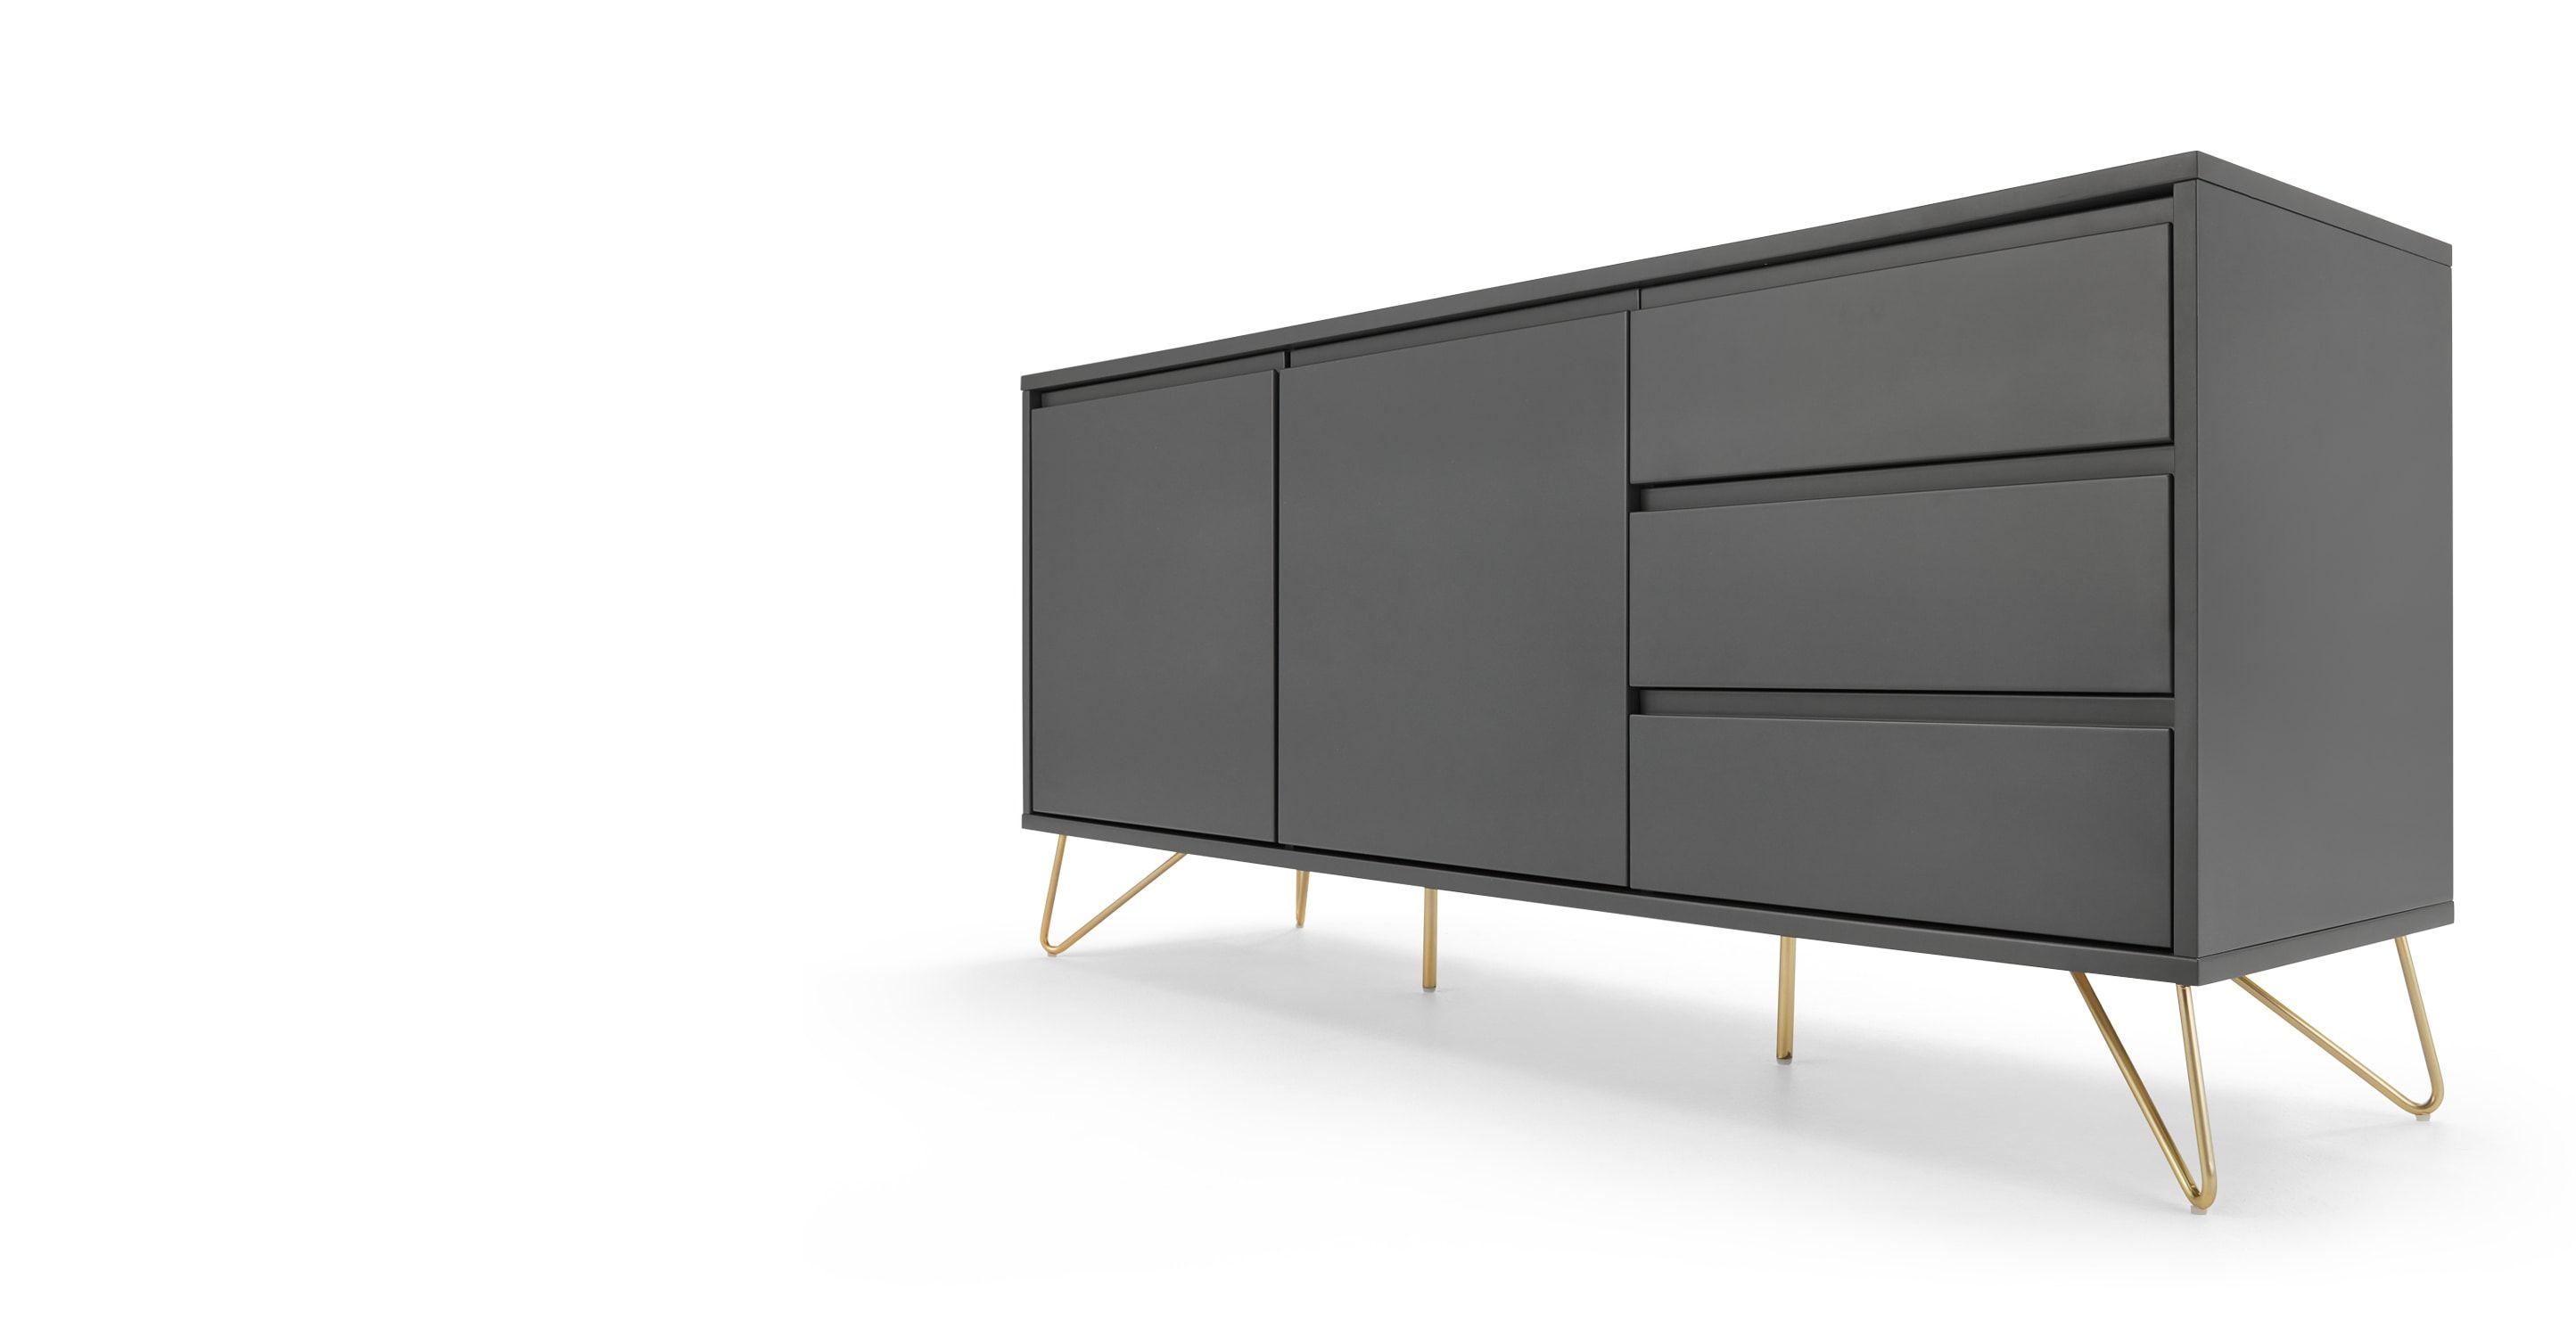 Highboard wohnzimmer ~ Elona sideboard anthrazit und messing made.com jetzt bestellen